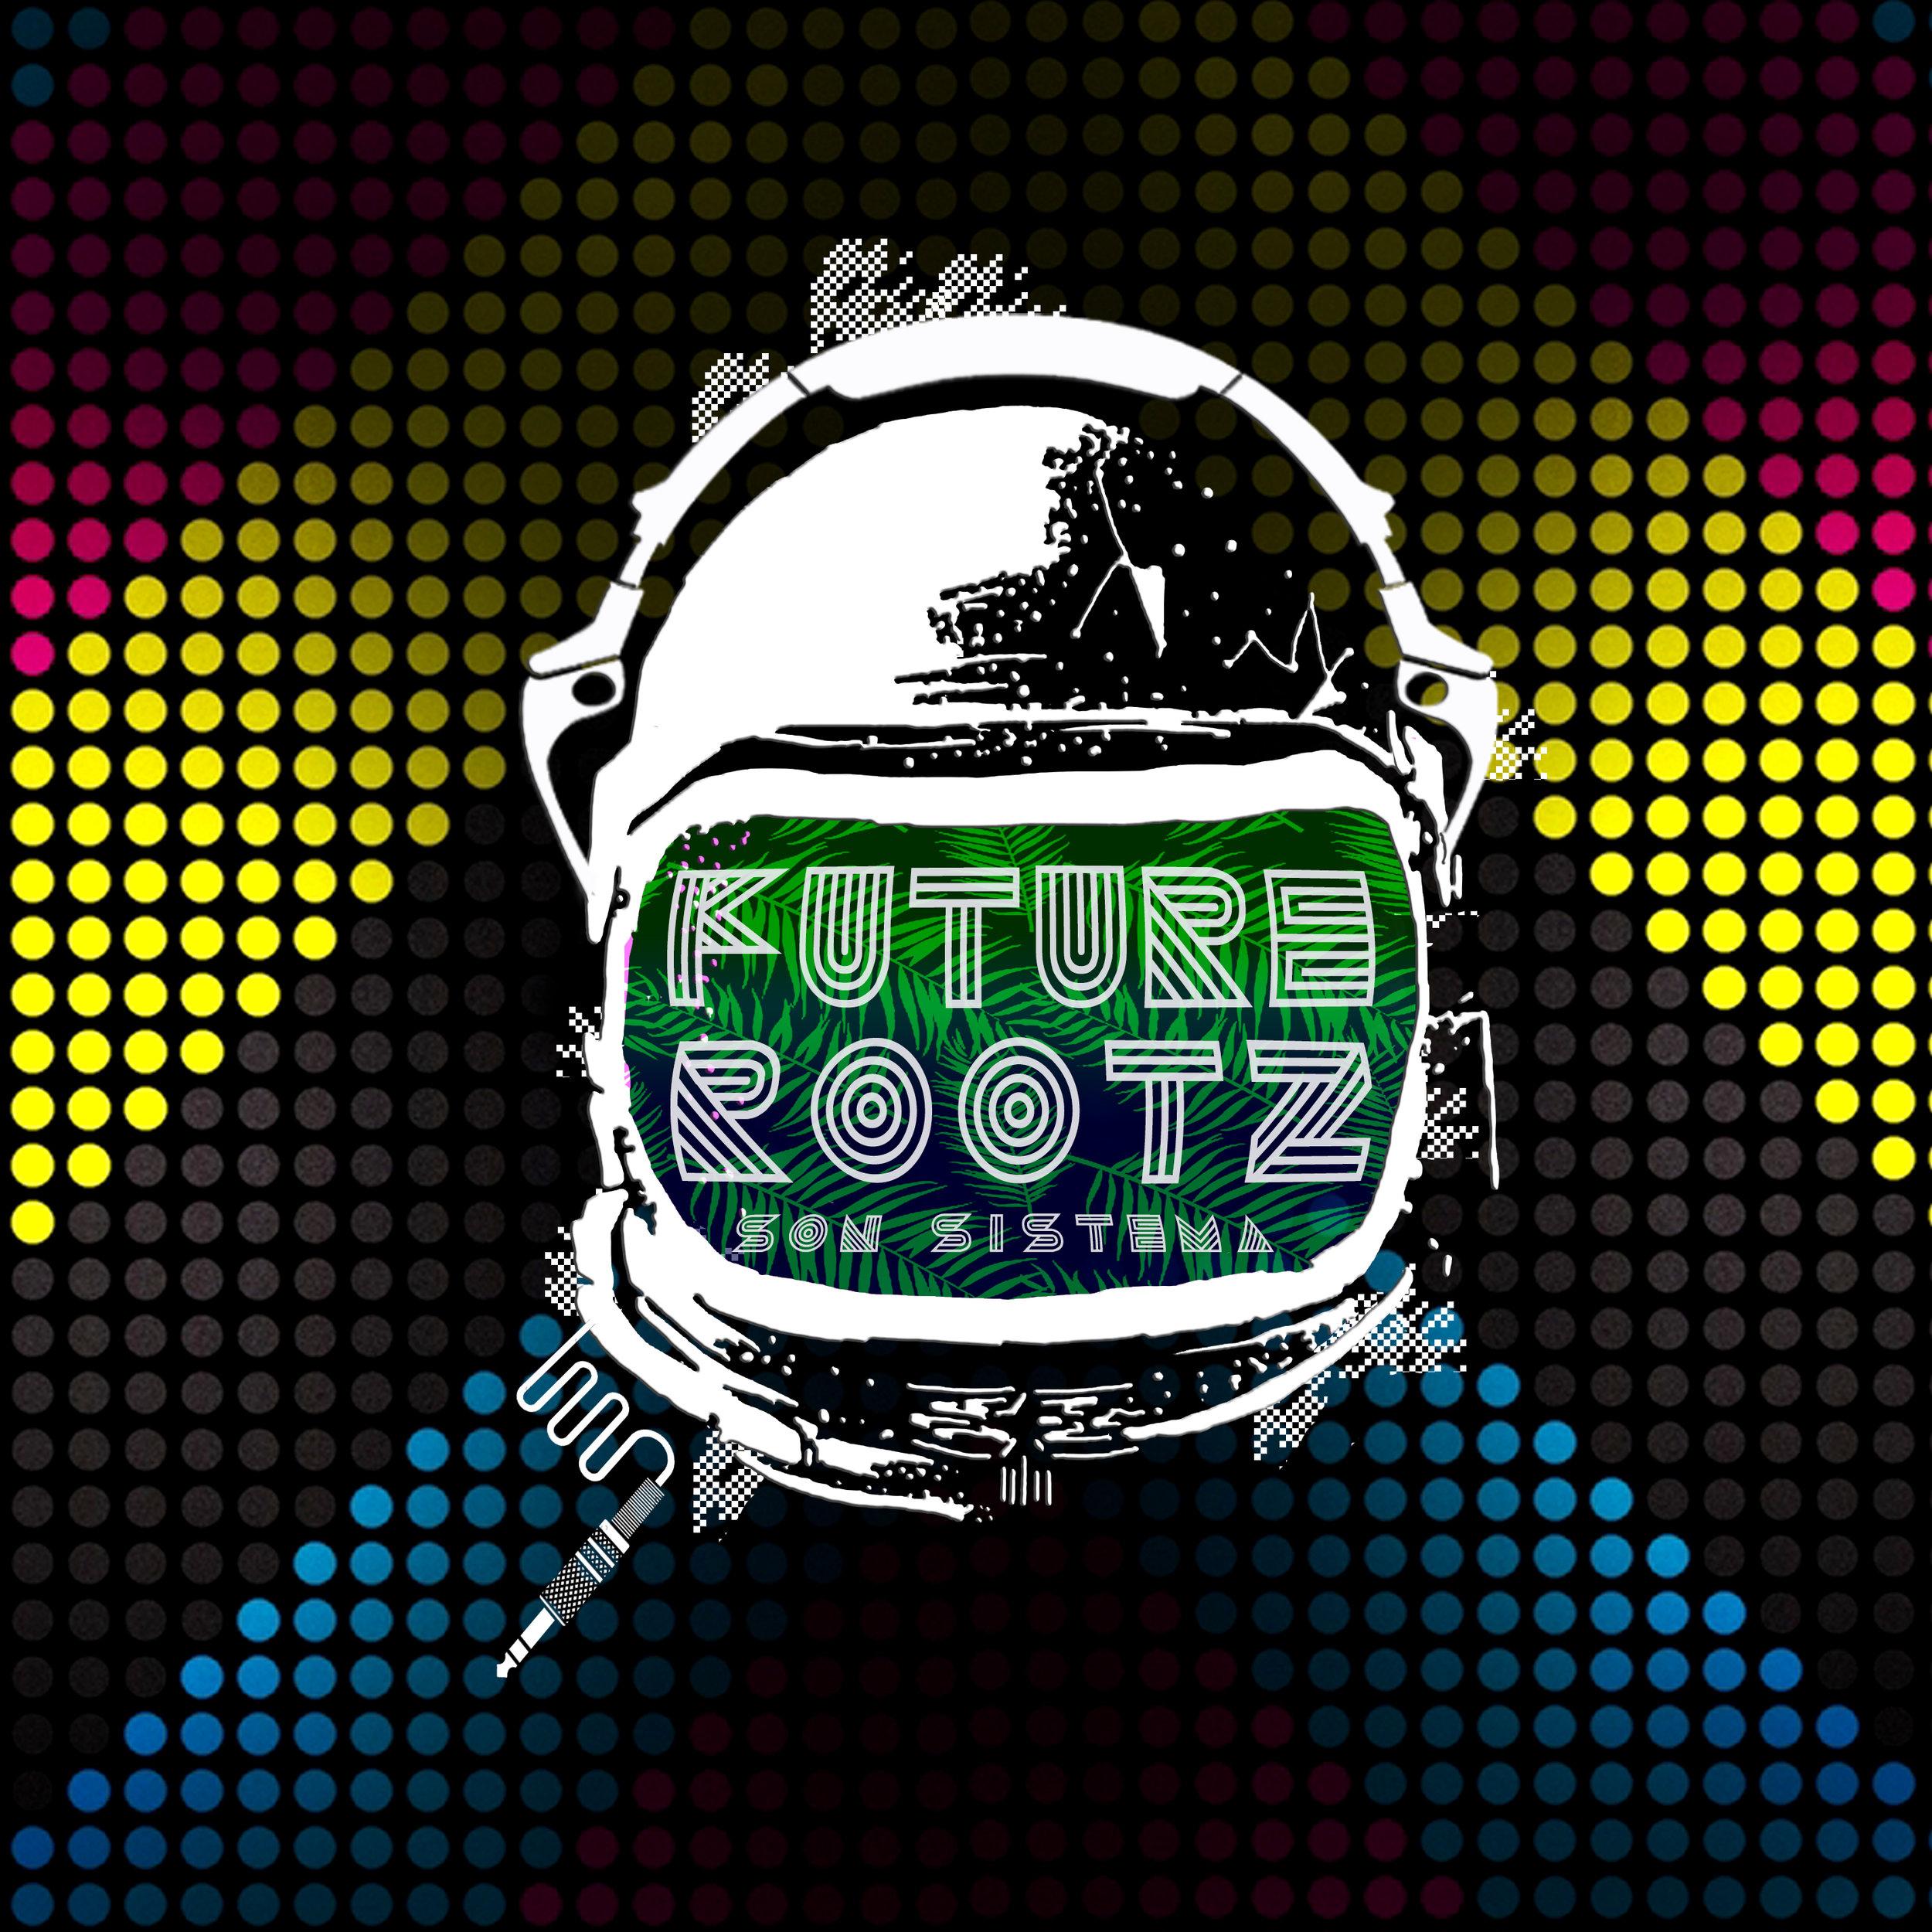 Future Rootz